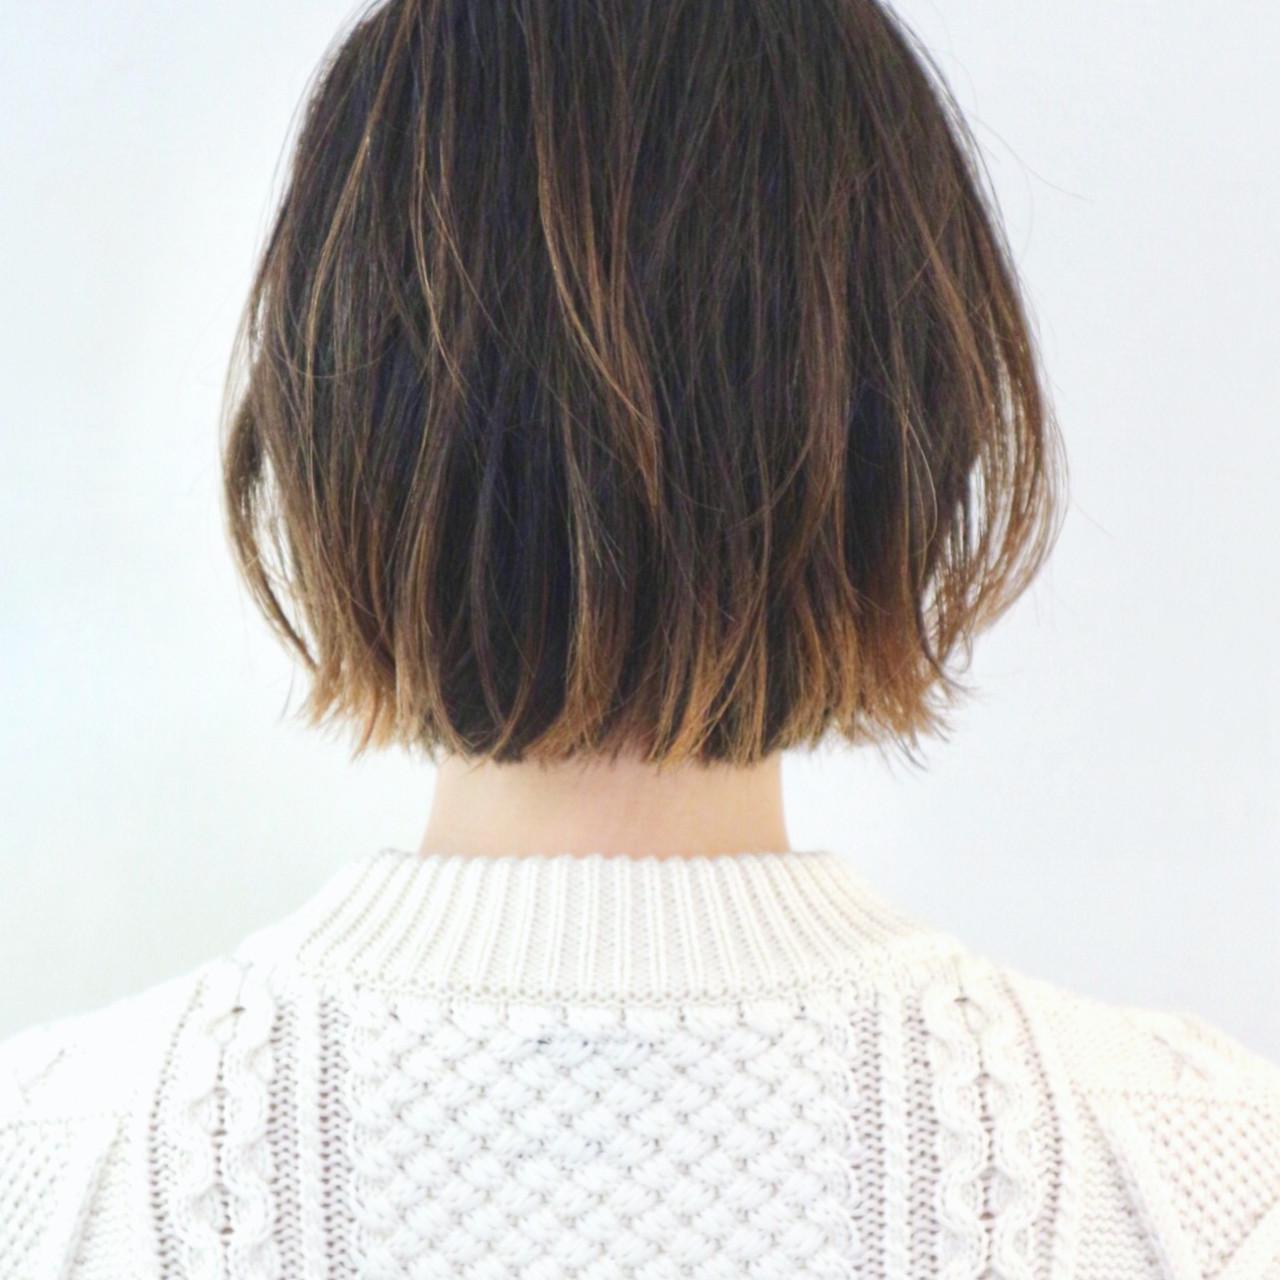 グラデーションカラー インナーカラー ストリート ボブ ヘアスタイルや髪型の写真・画像 | 三好 佳奈美 / Baco.(バコ)